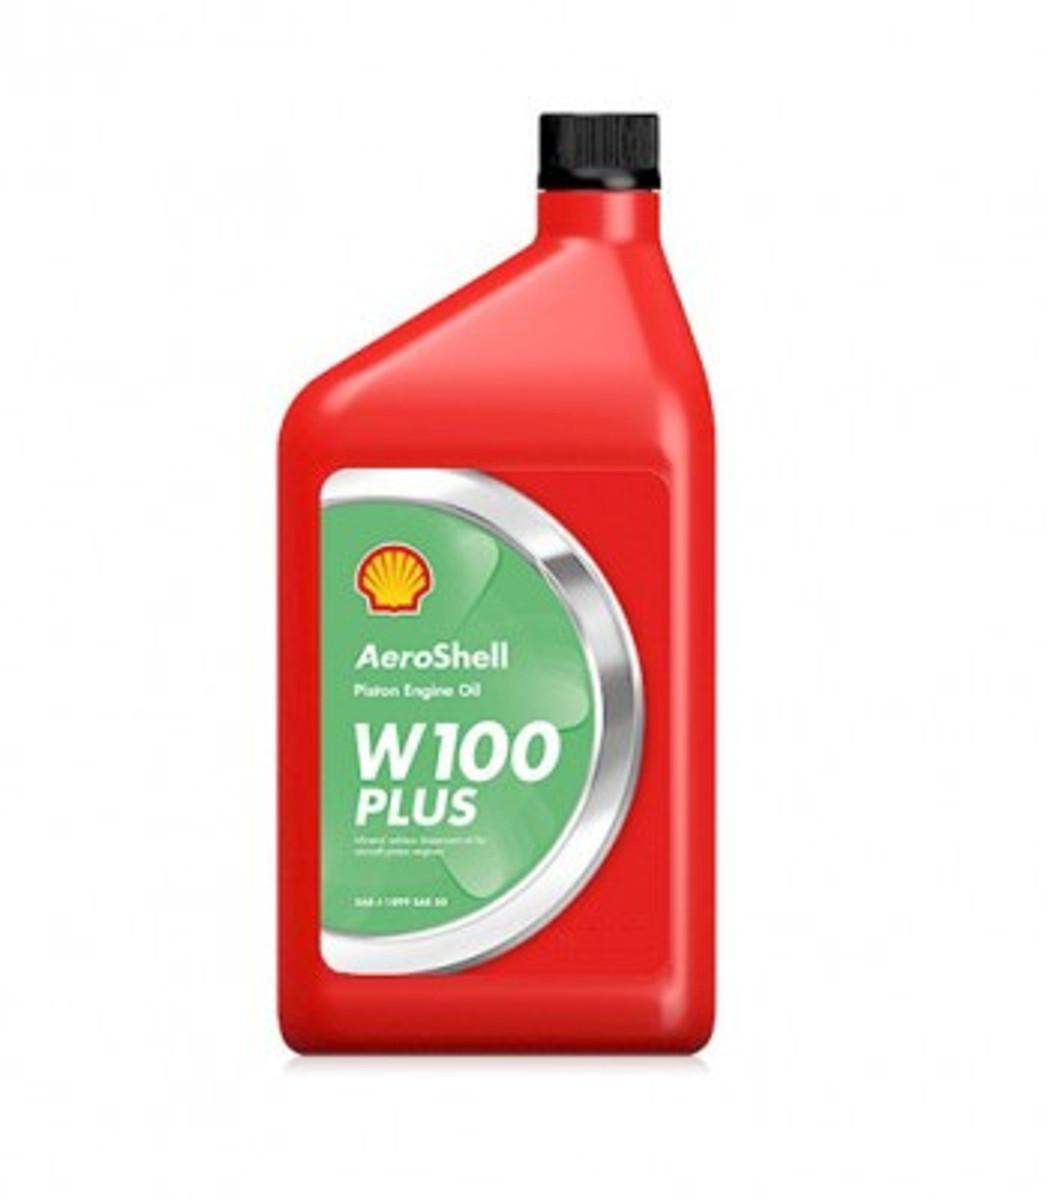 Aeroshell W100 PLUS Oil.   Case (6 quarts)